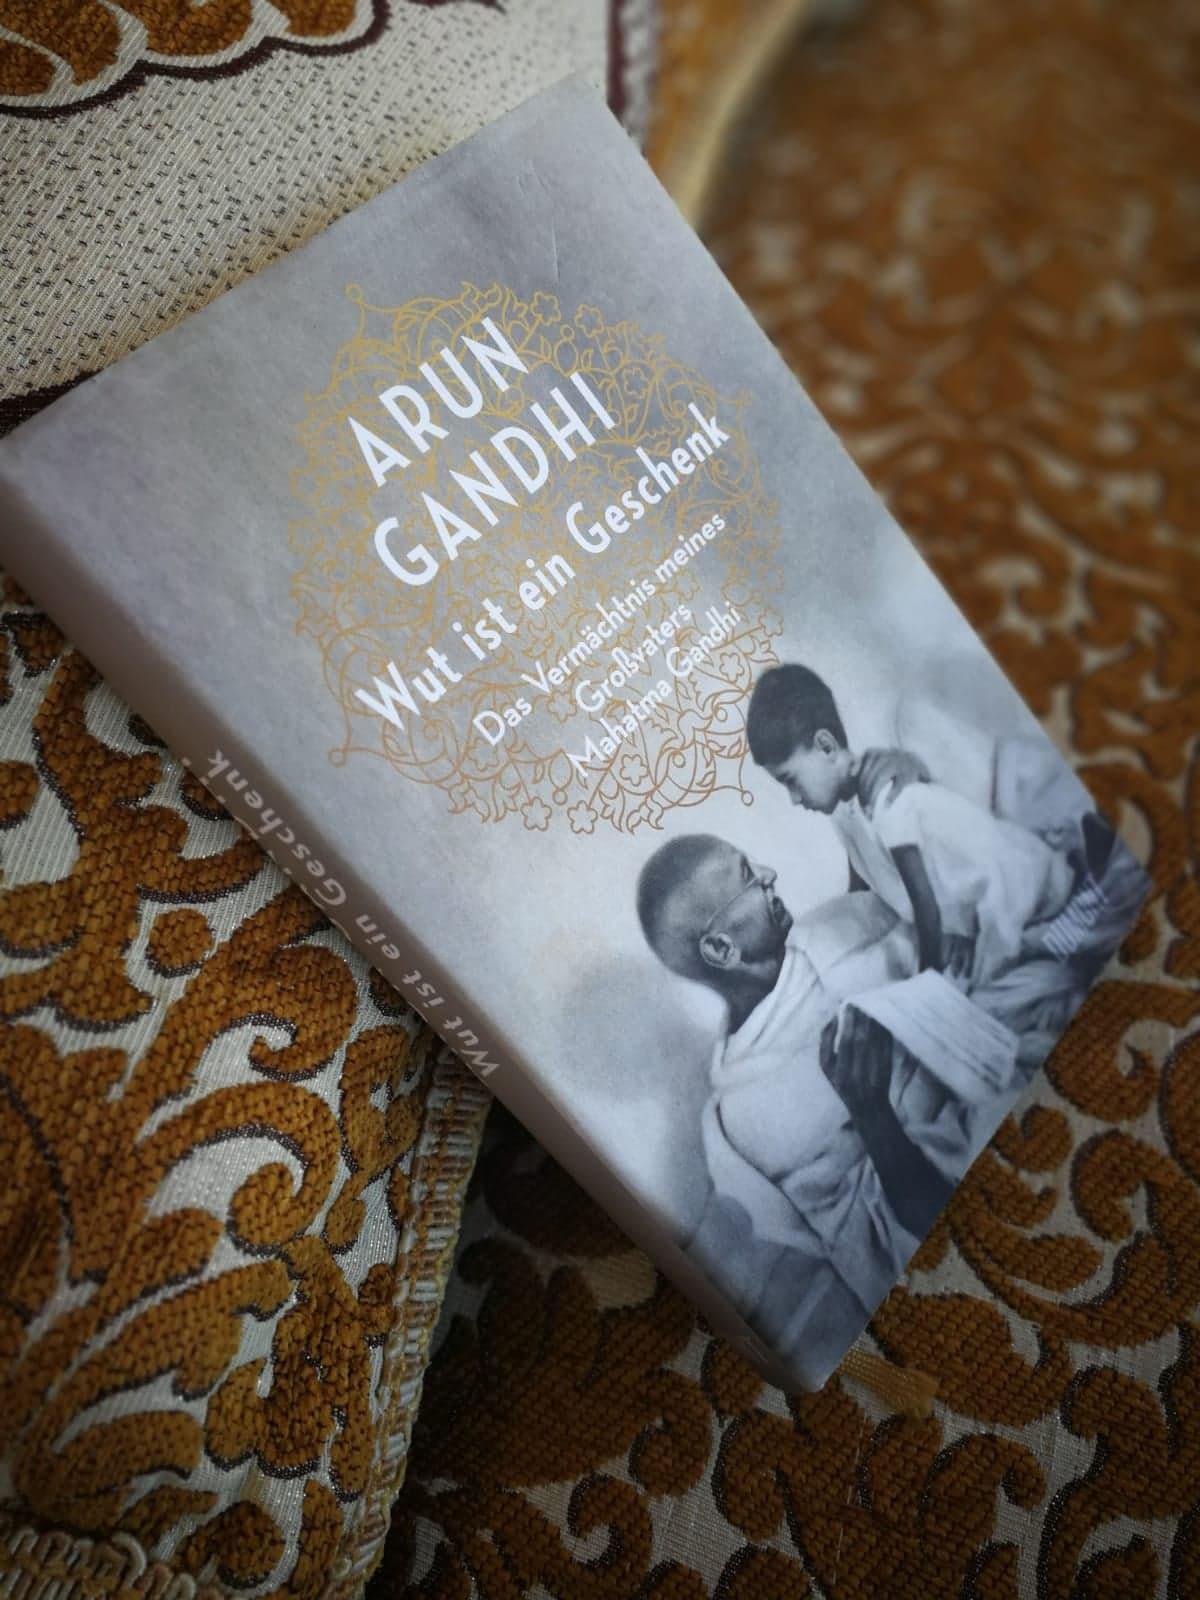 Rezension Wut Ist Ein Geschenk Nur Noch Eine Seite Buch